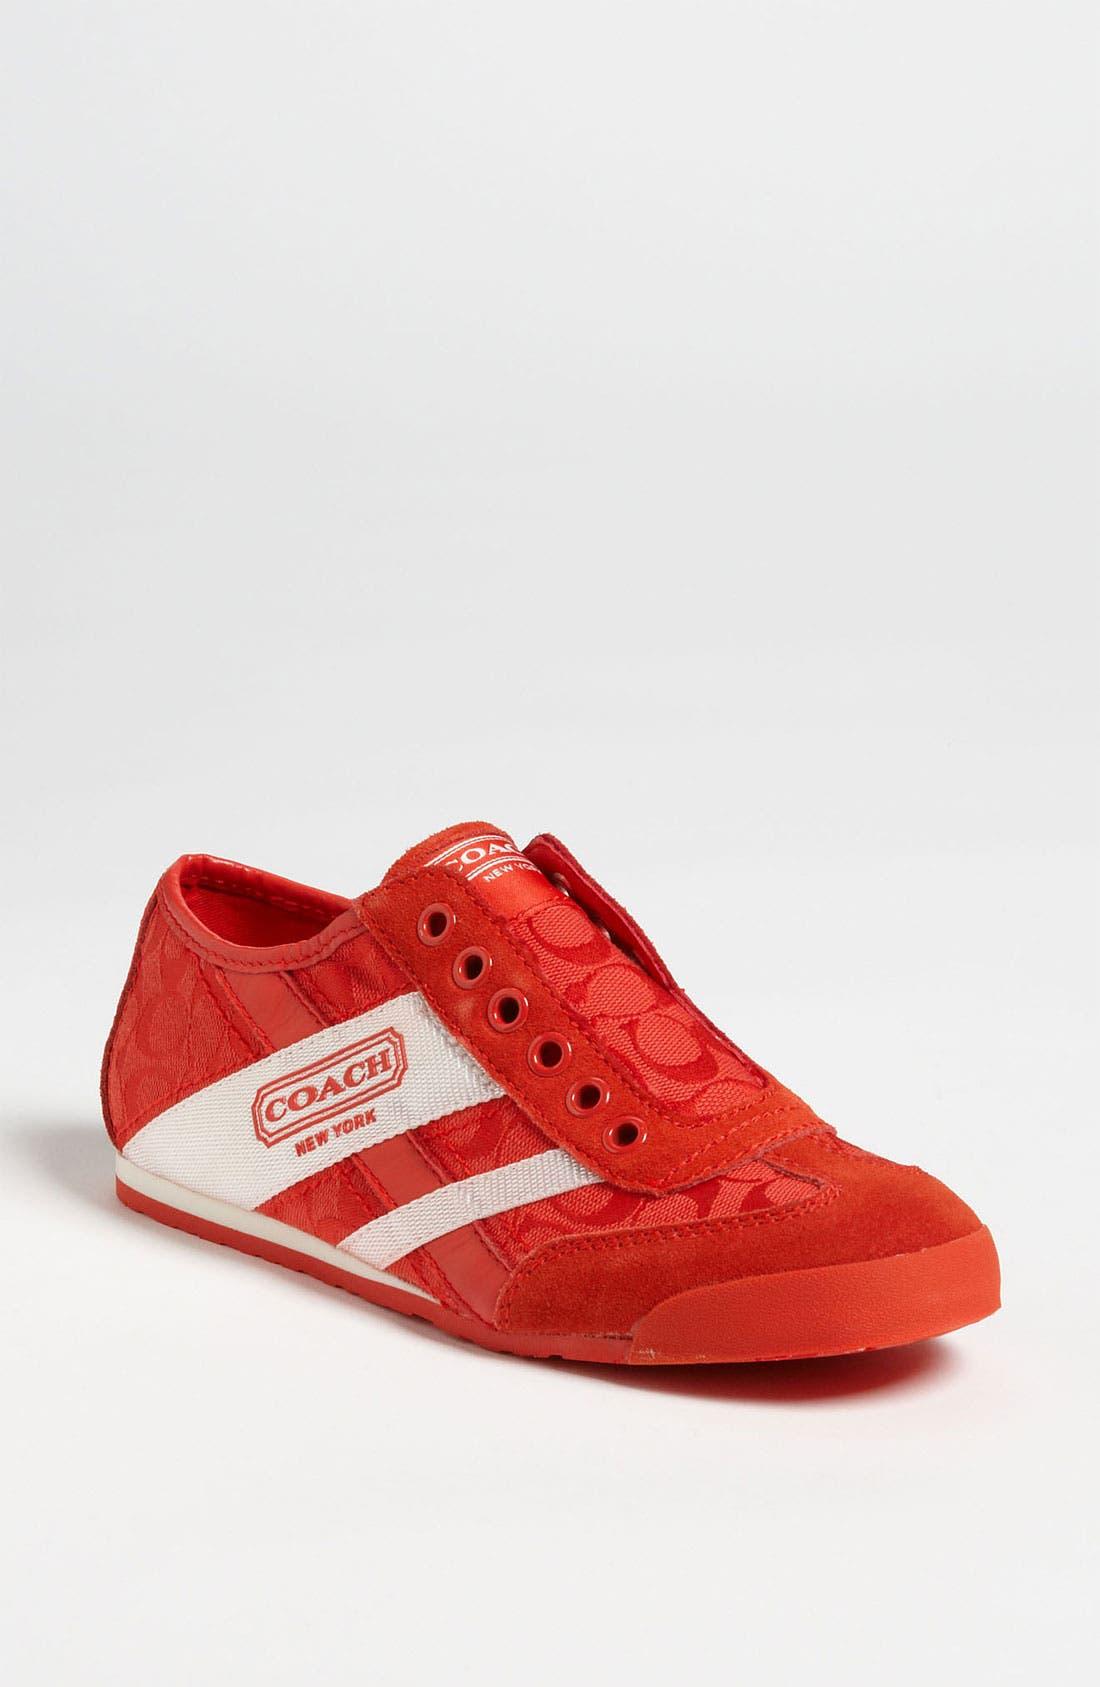 Main Image - COACH 'Yanna' Sneaker